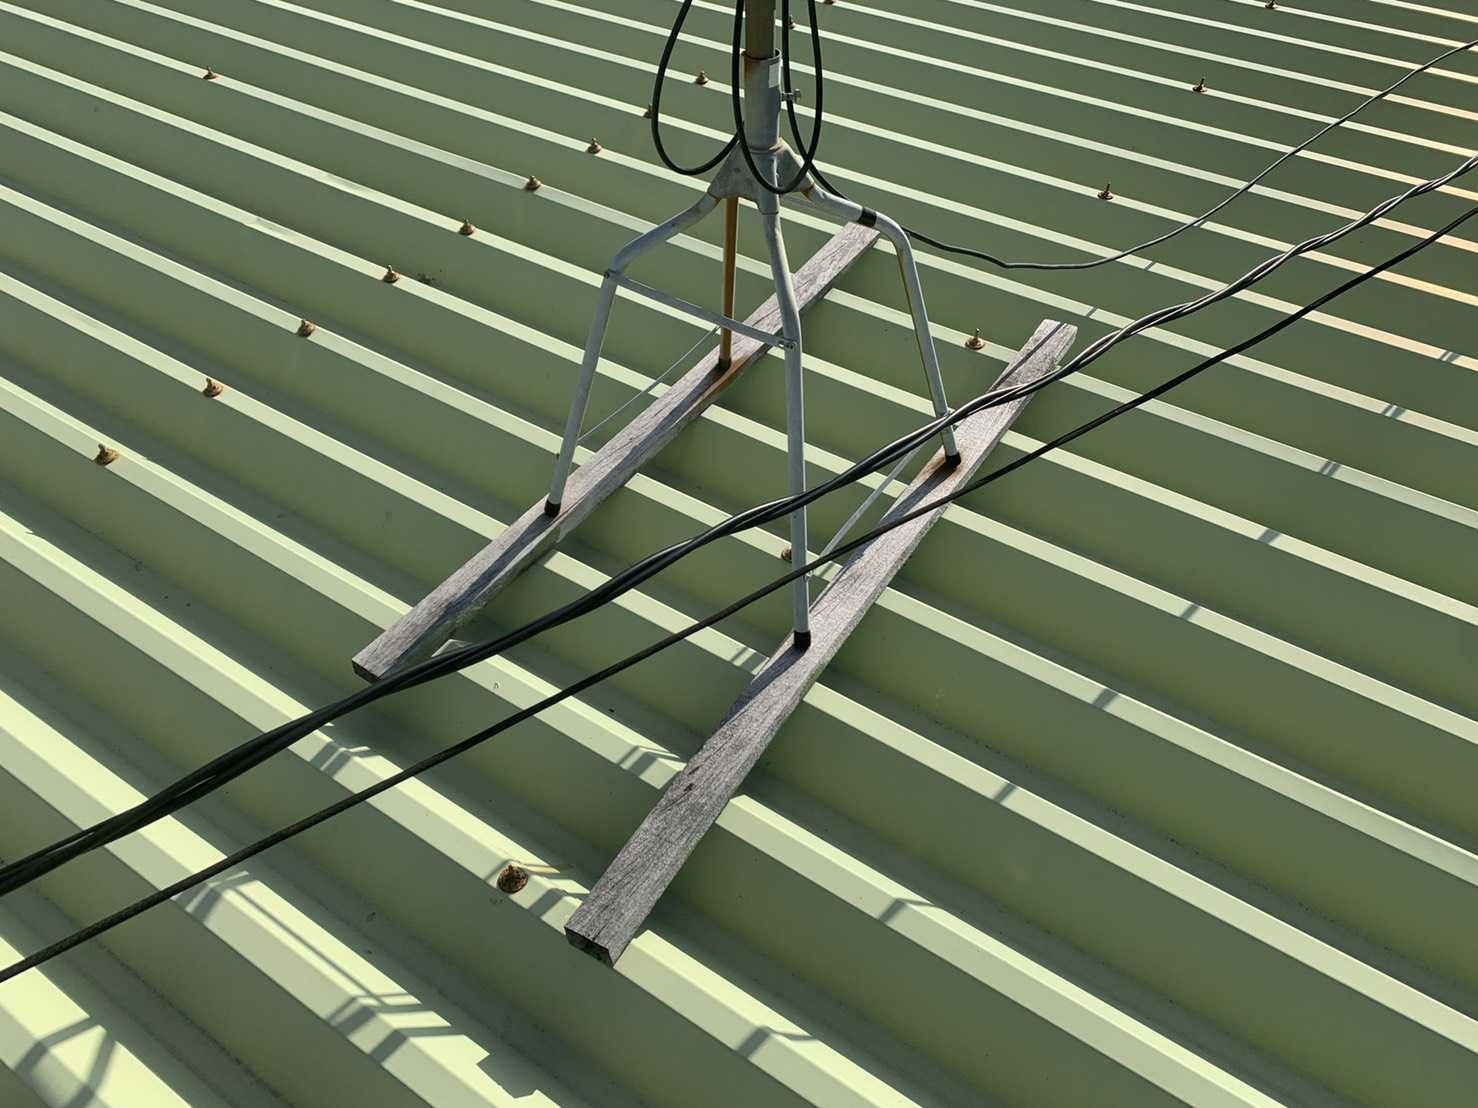 明石市での屋根診断で屋根上のアンテナの様子